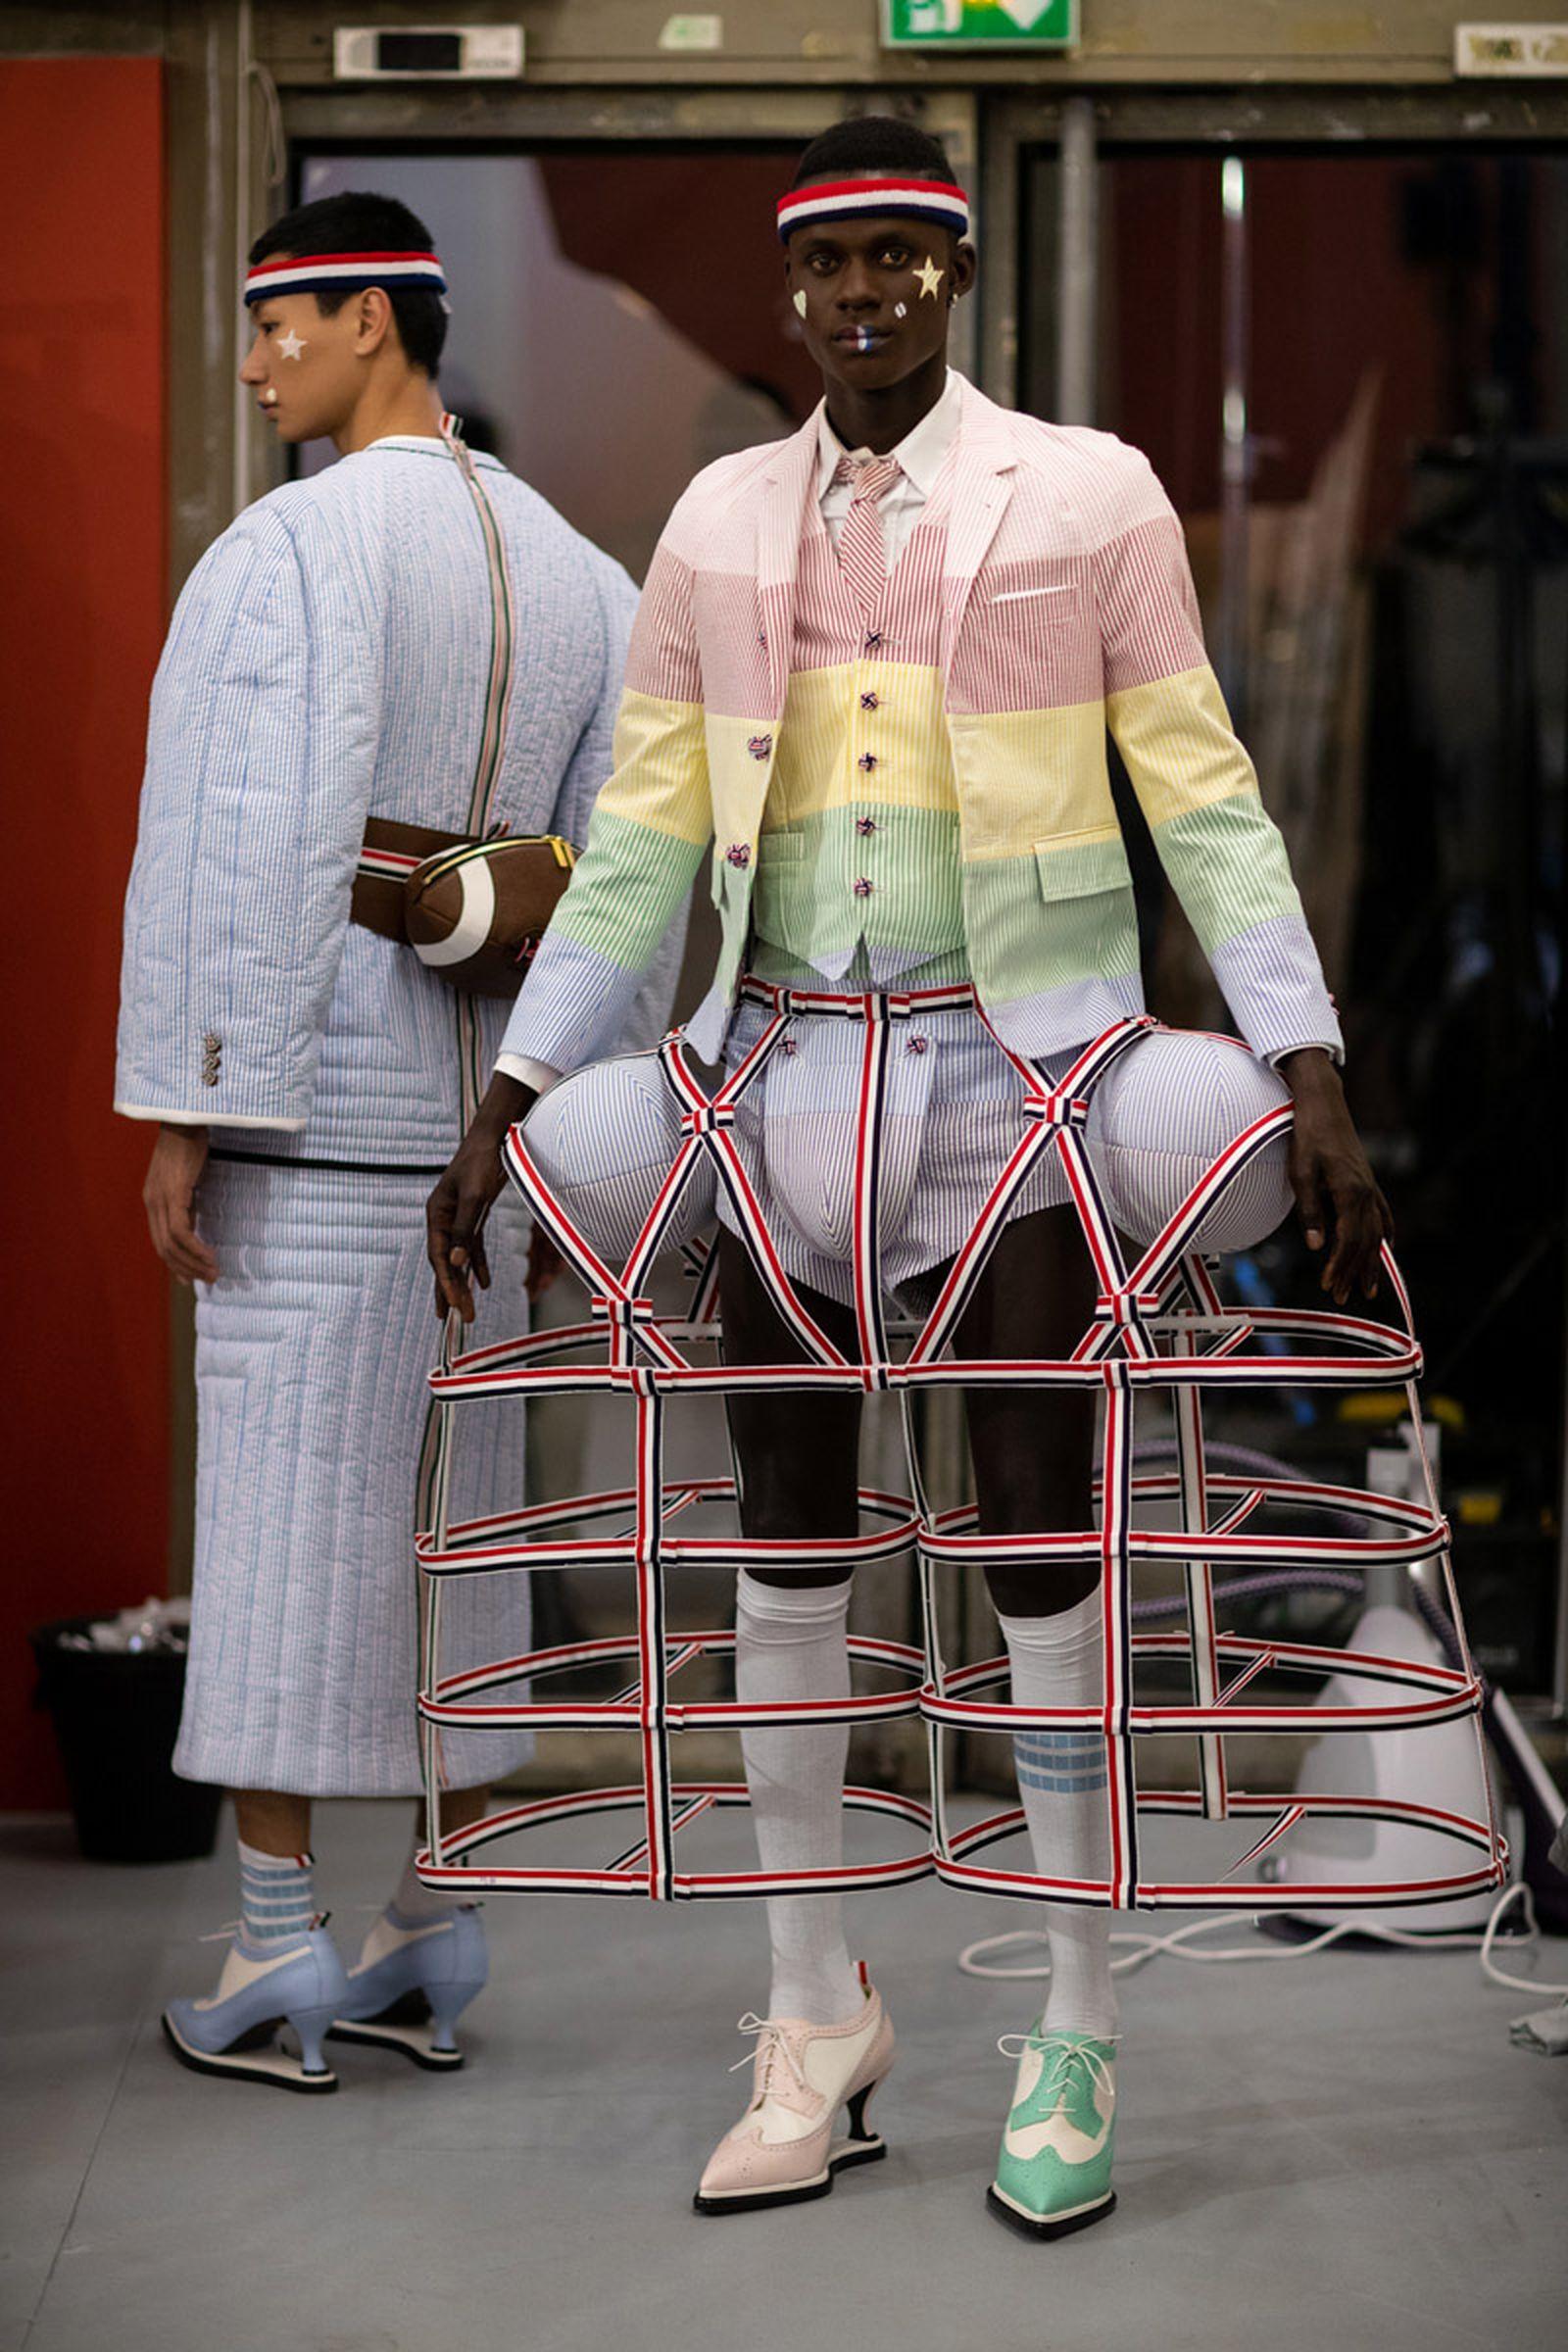 MSS20 Paris Thom Browne Eva Al Desnudo For web 21 paris fashion week runway